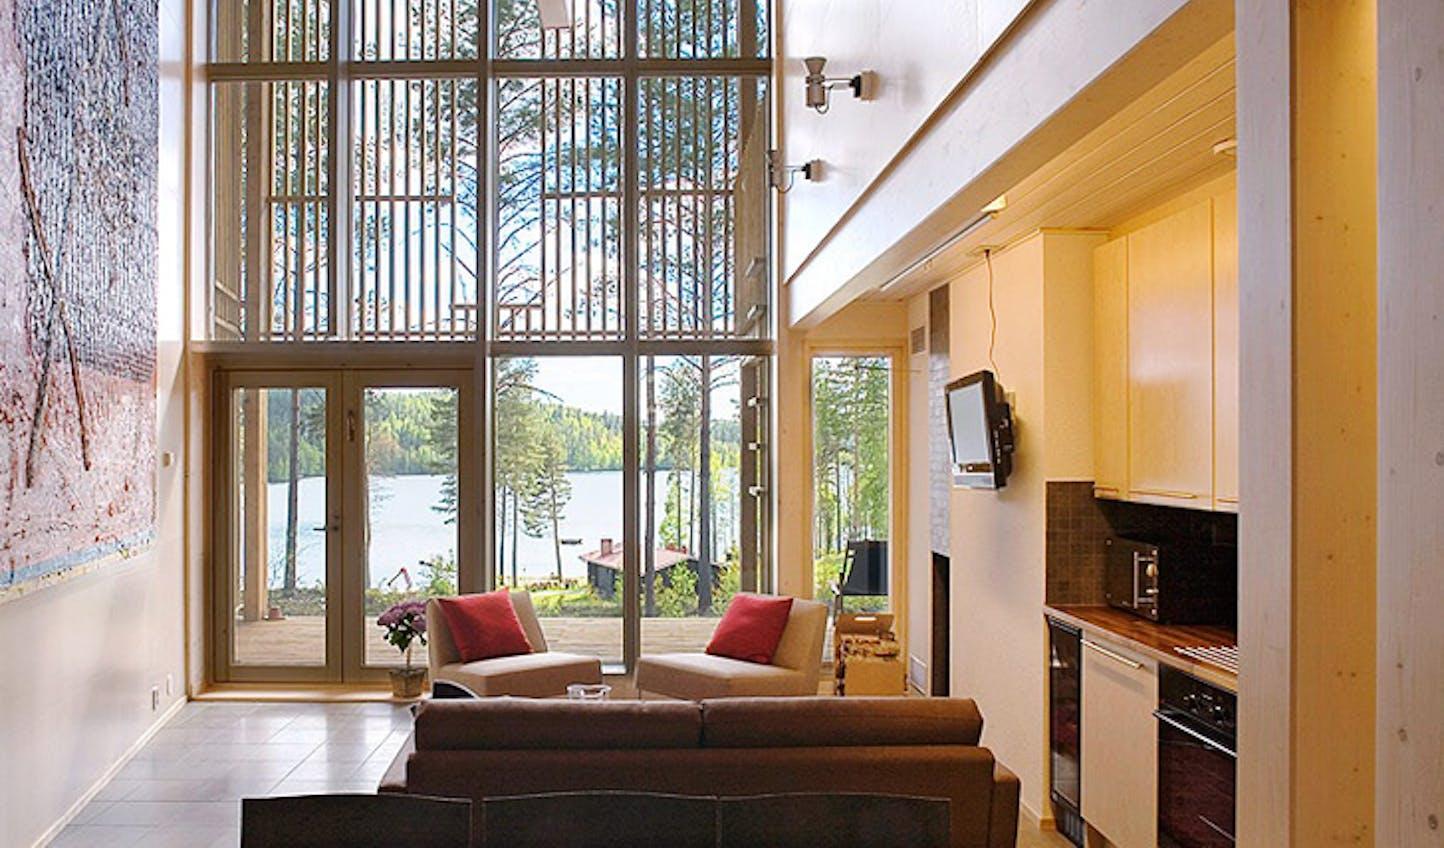 Lakeside Villa in Finland